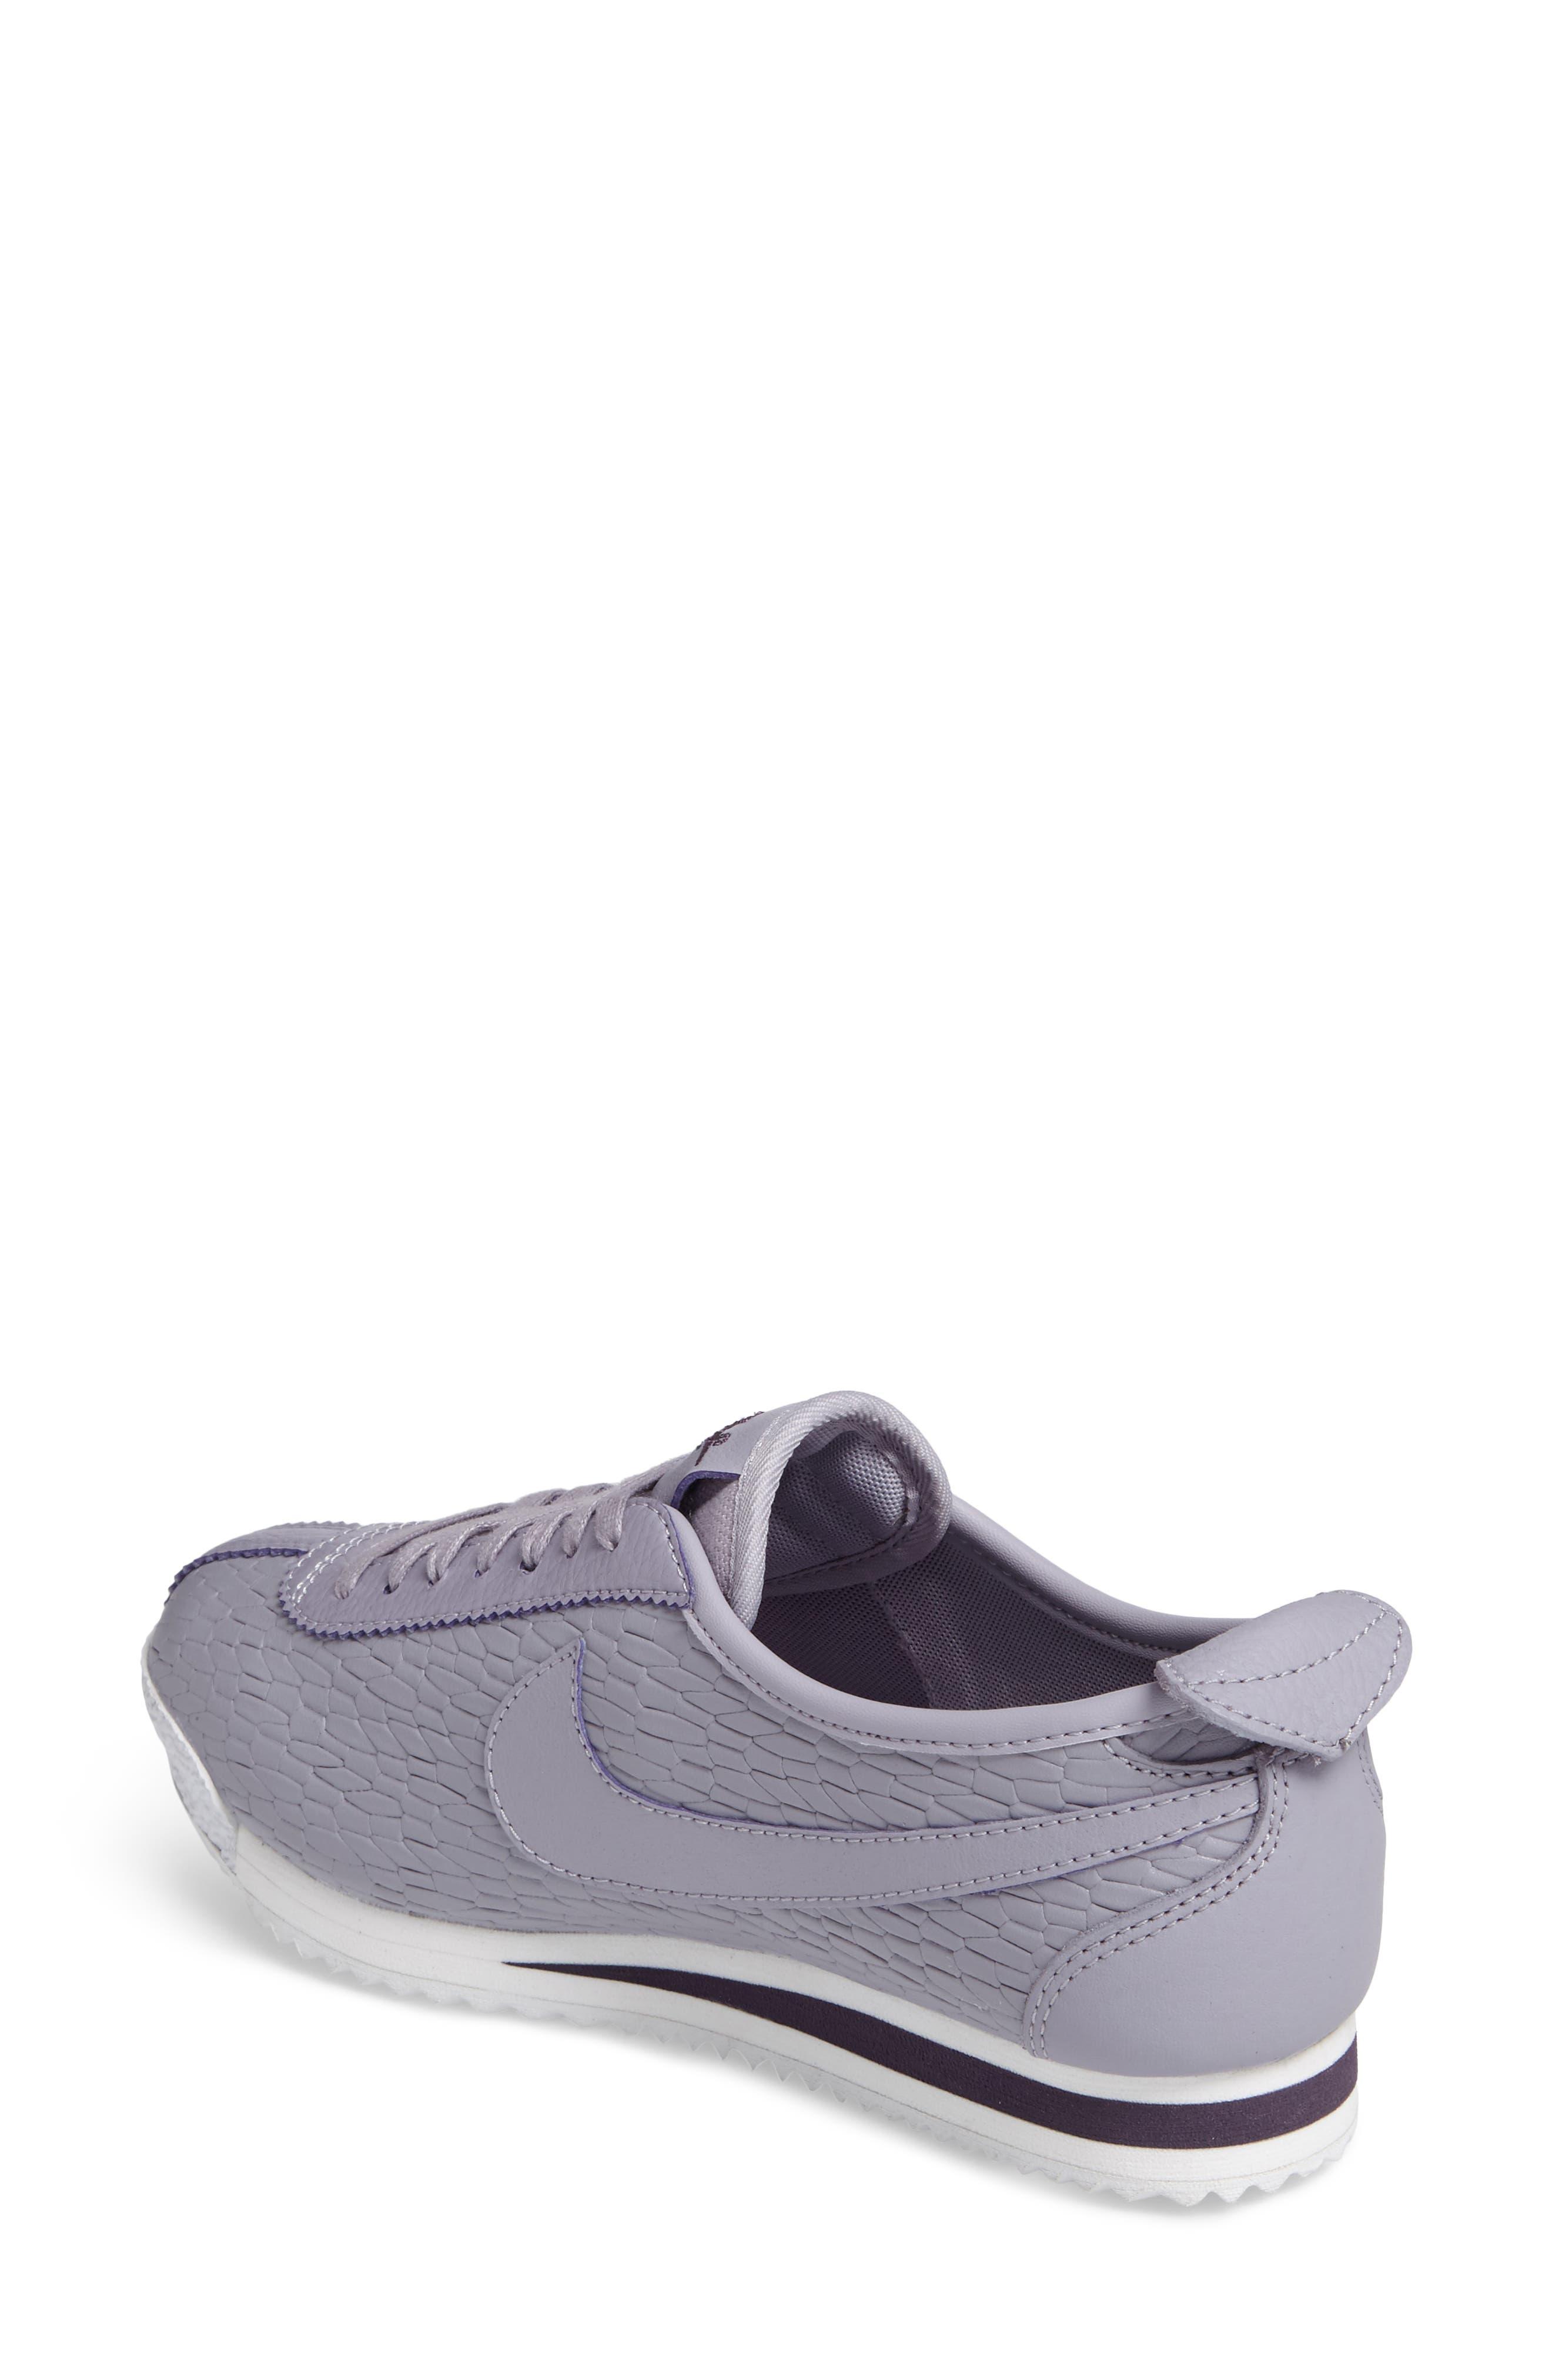 Cortez '72 Sneaker,                             Alternate thumbnail 6, color,